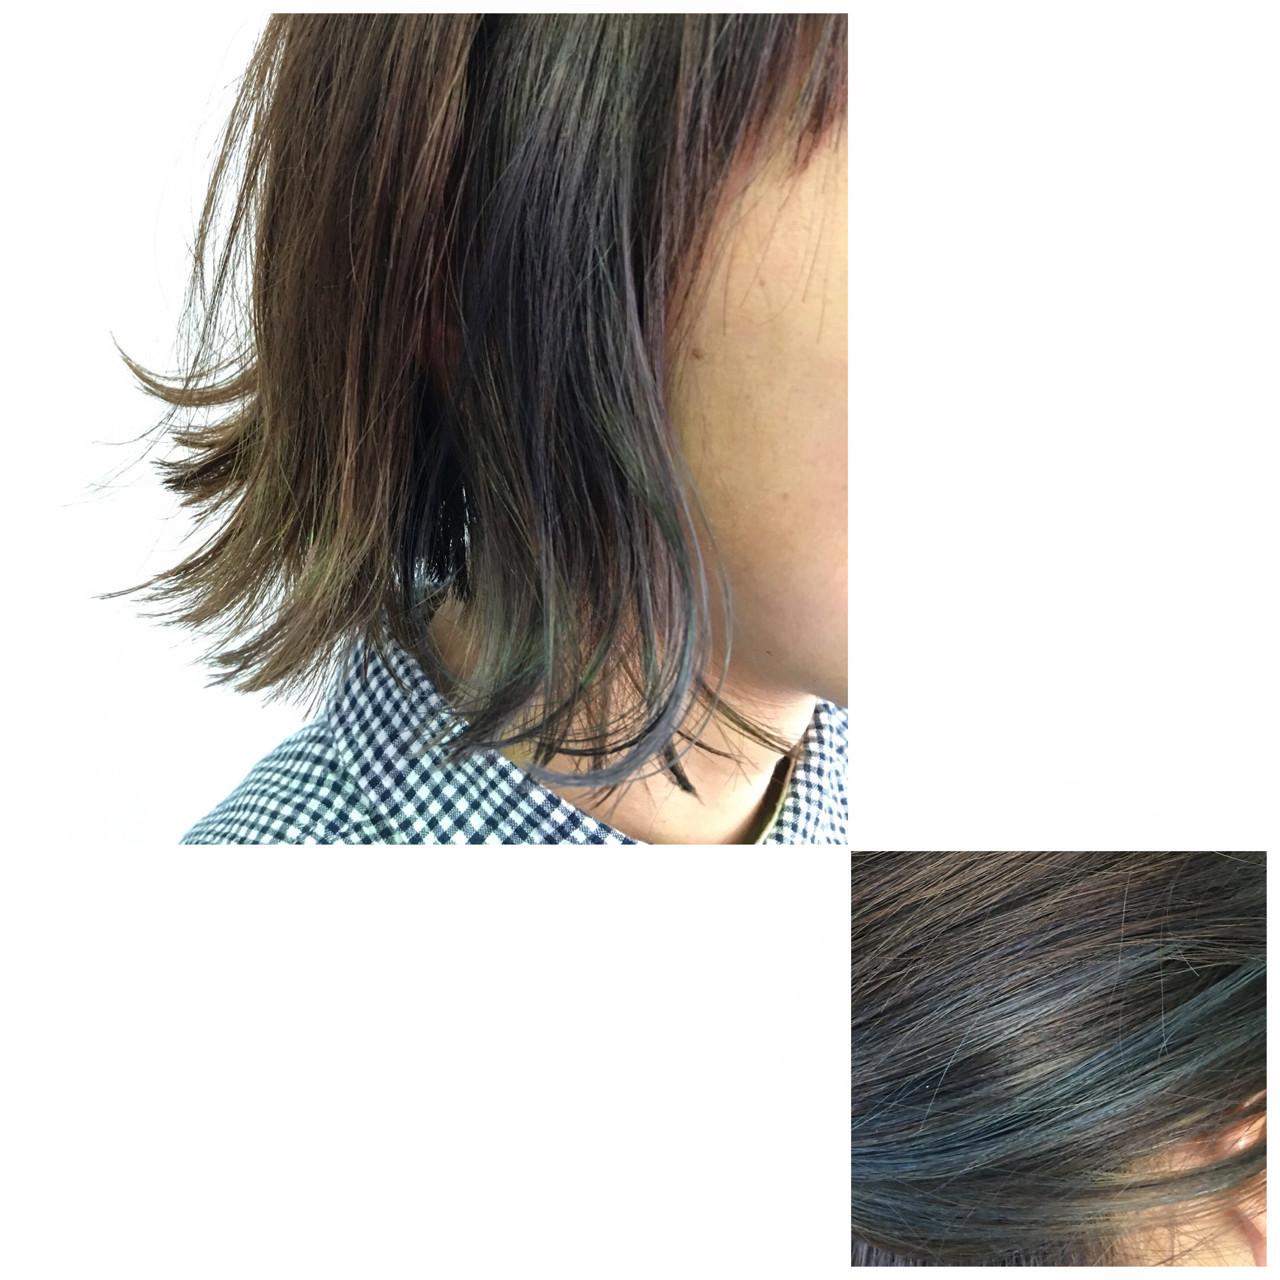 オン眉 ボブ ストリート ブルーアッシュ ヘアスタイルや髪型の写真・画像